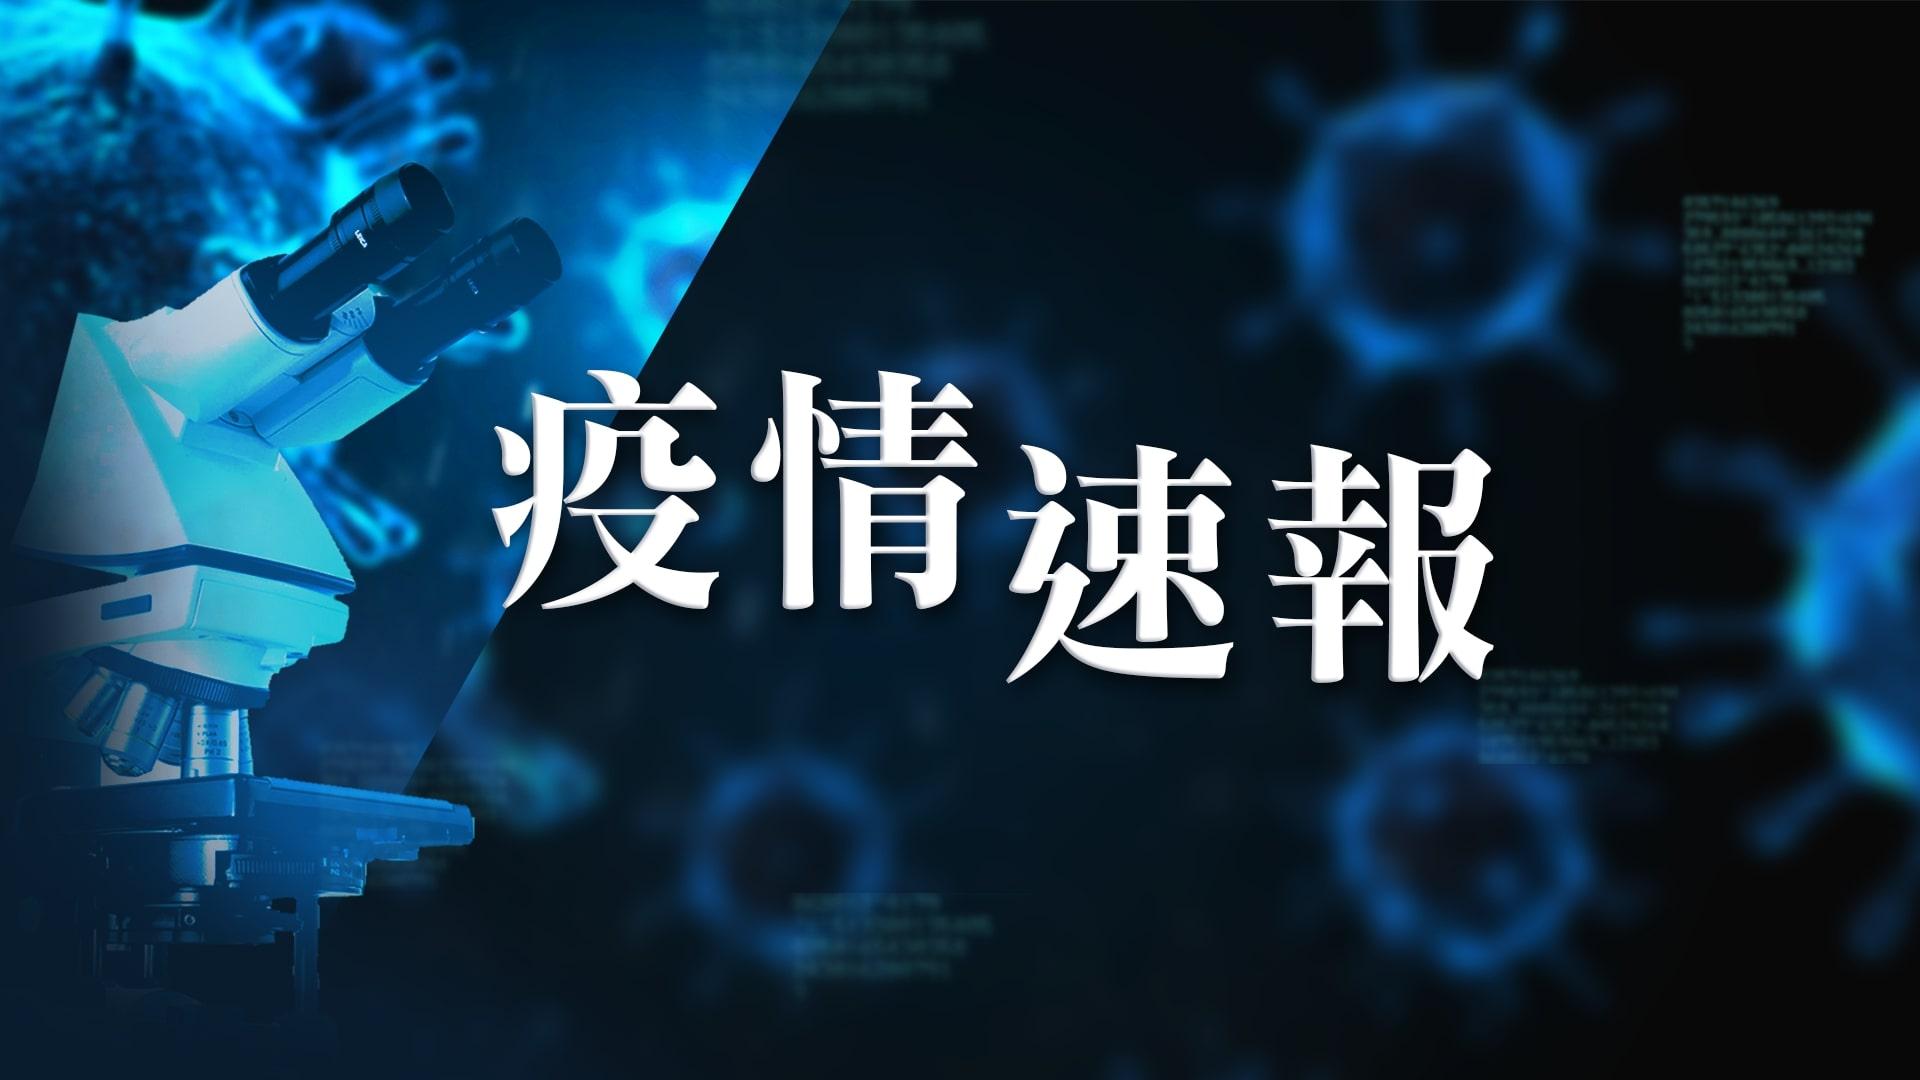 【3月8日疫情速報】(22:05)